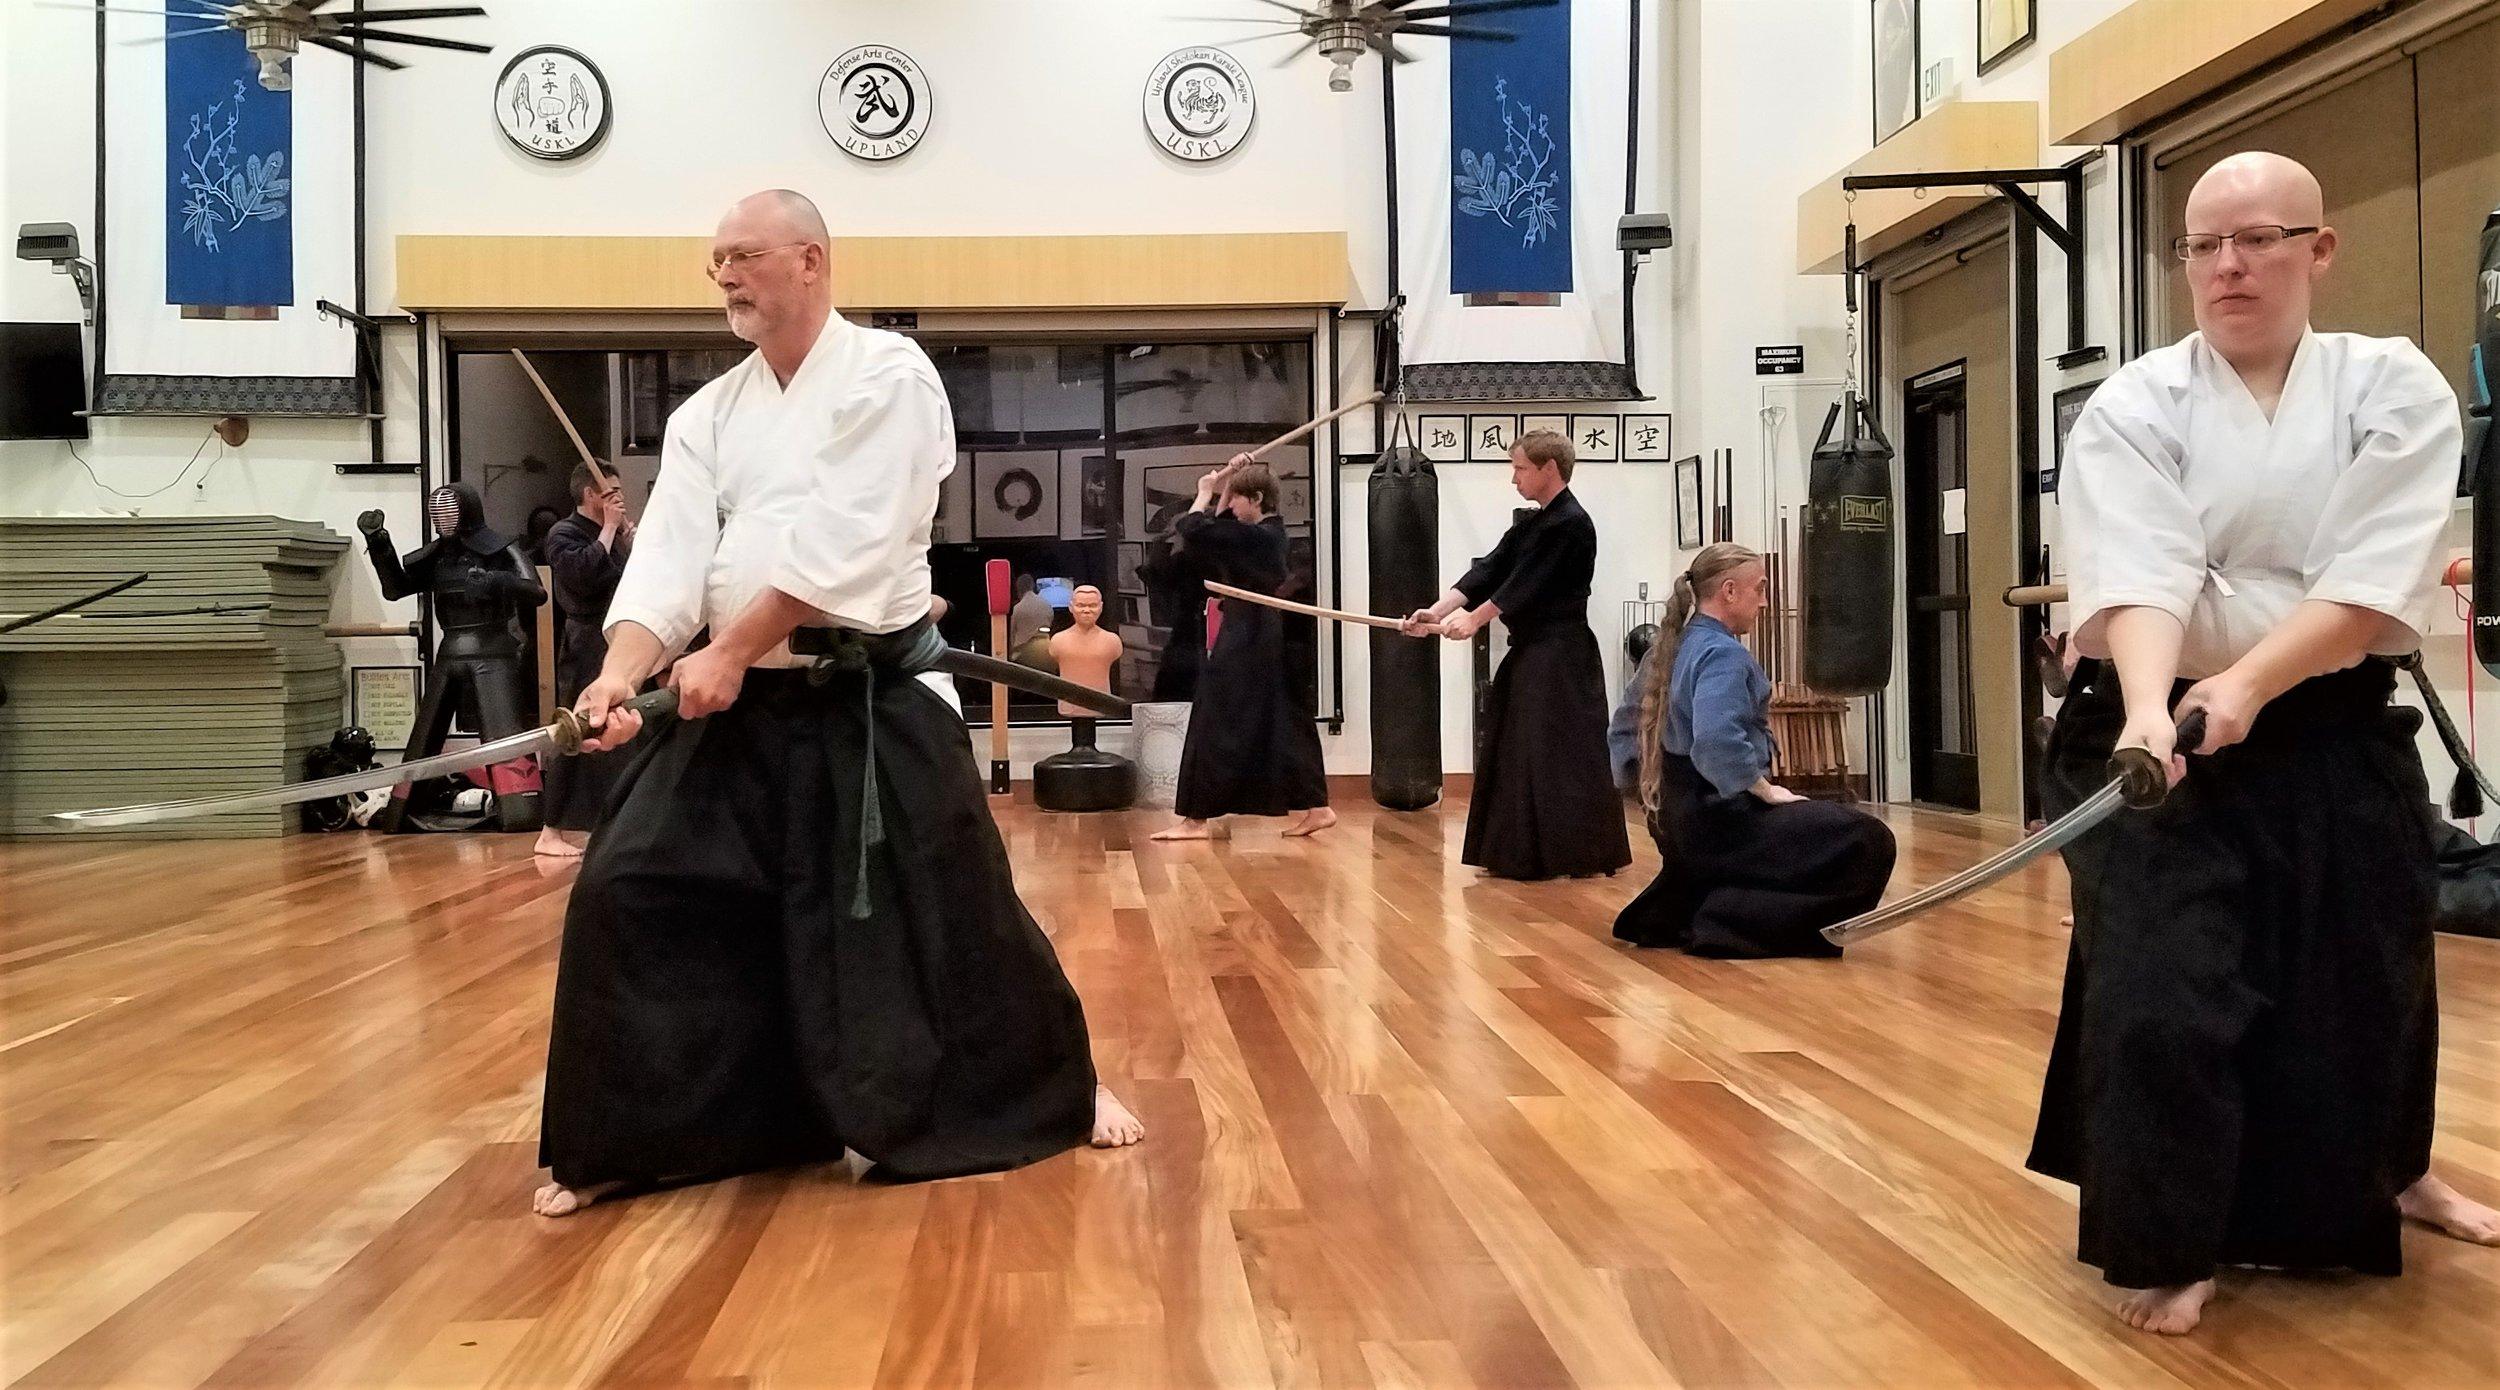 Iaido sharing floor with Kendo.jpg